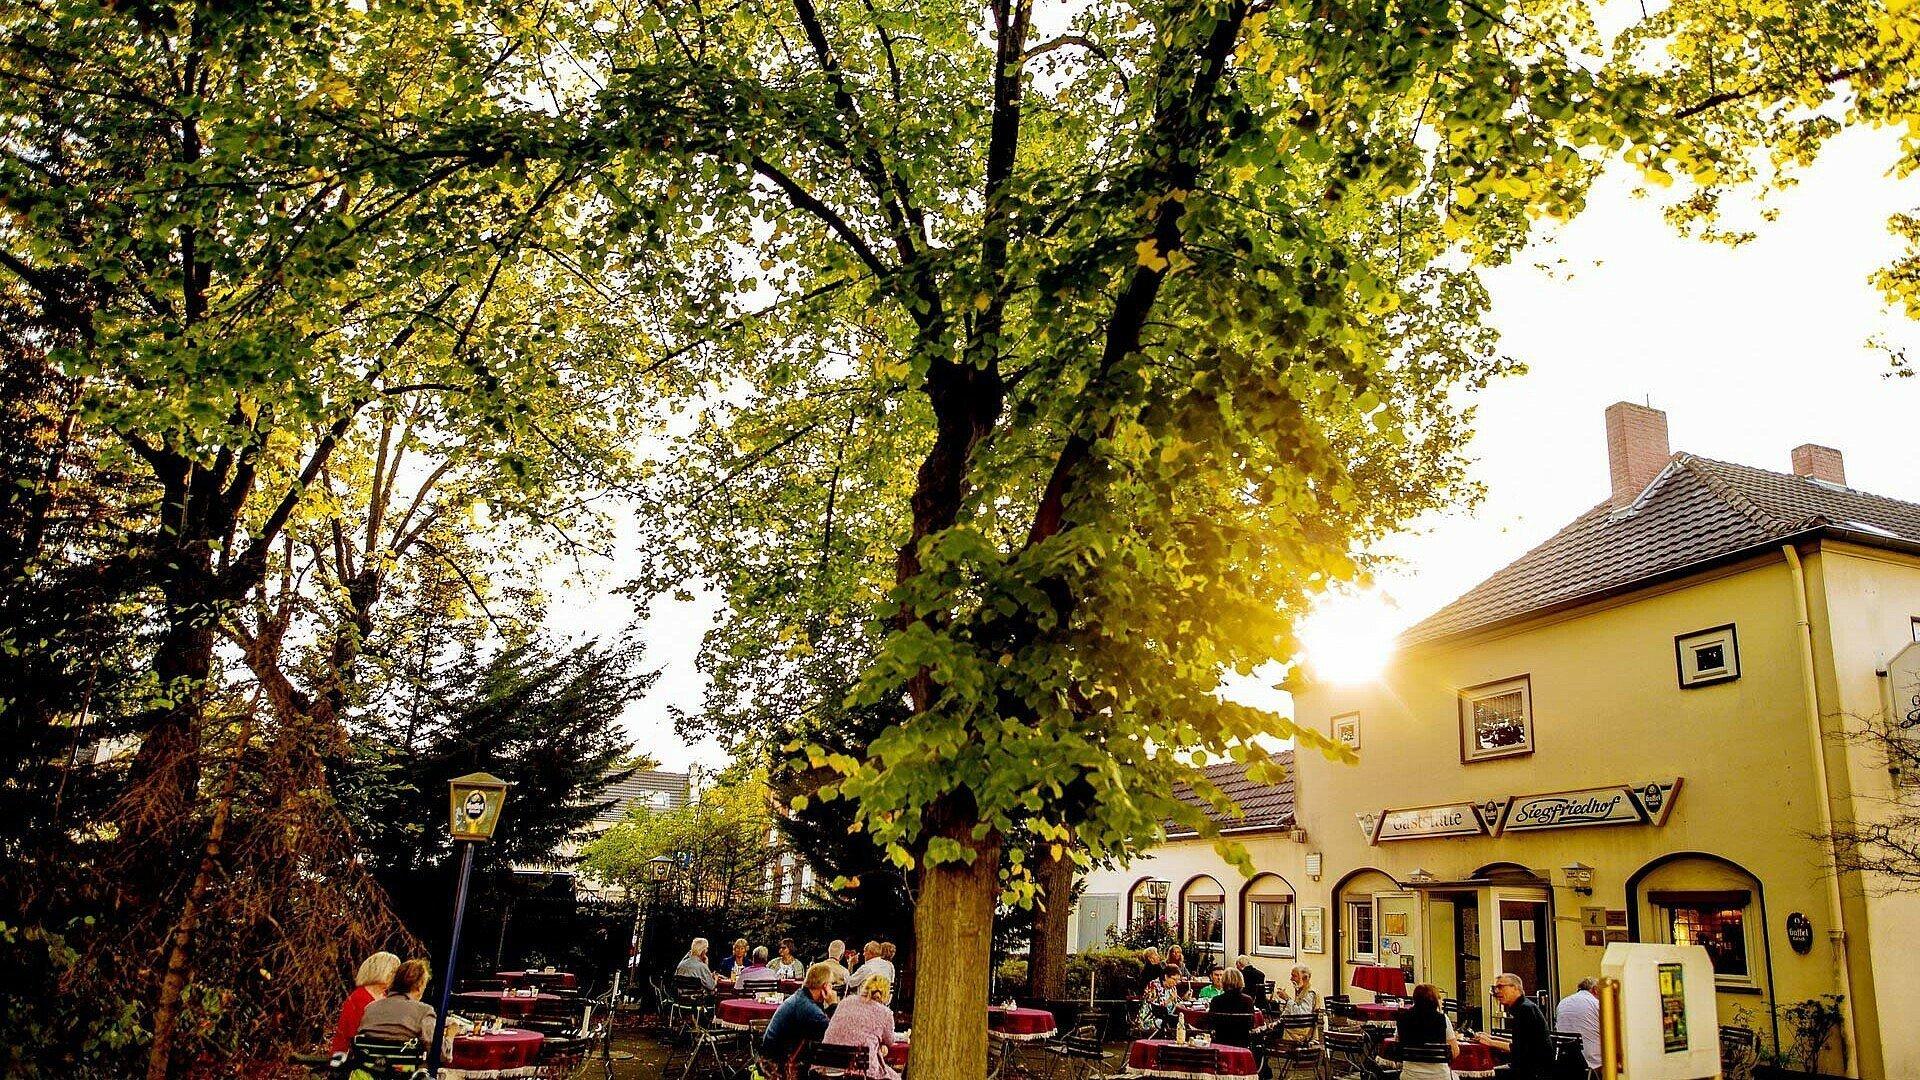 Biergarten Siegfriedhof in Mauenheim